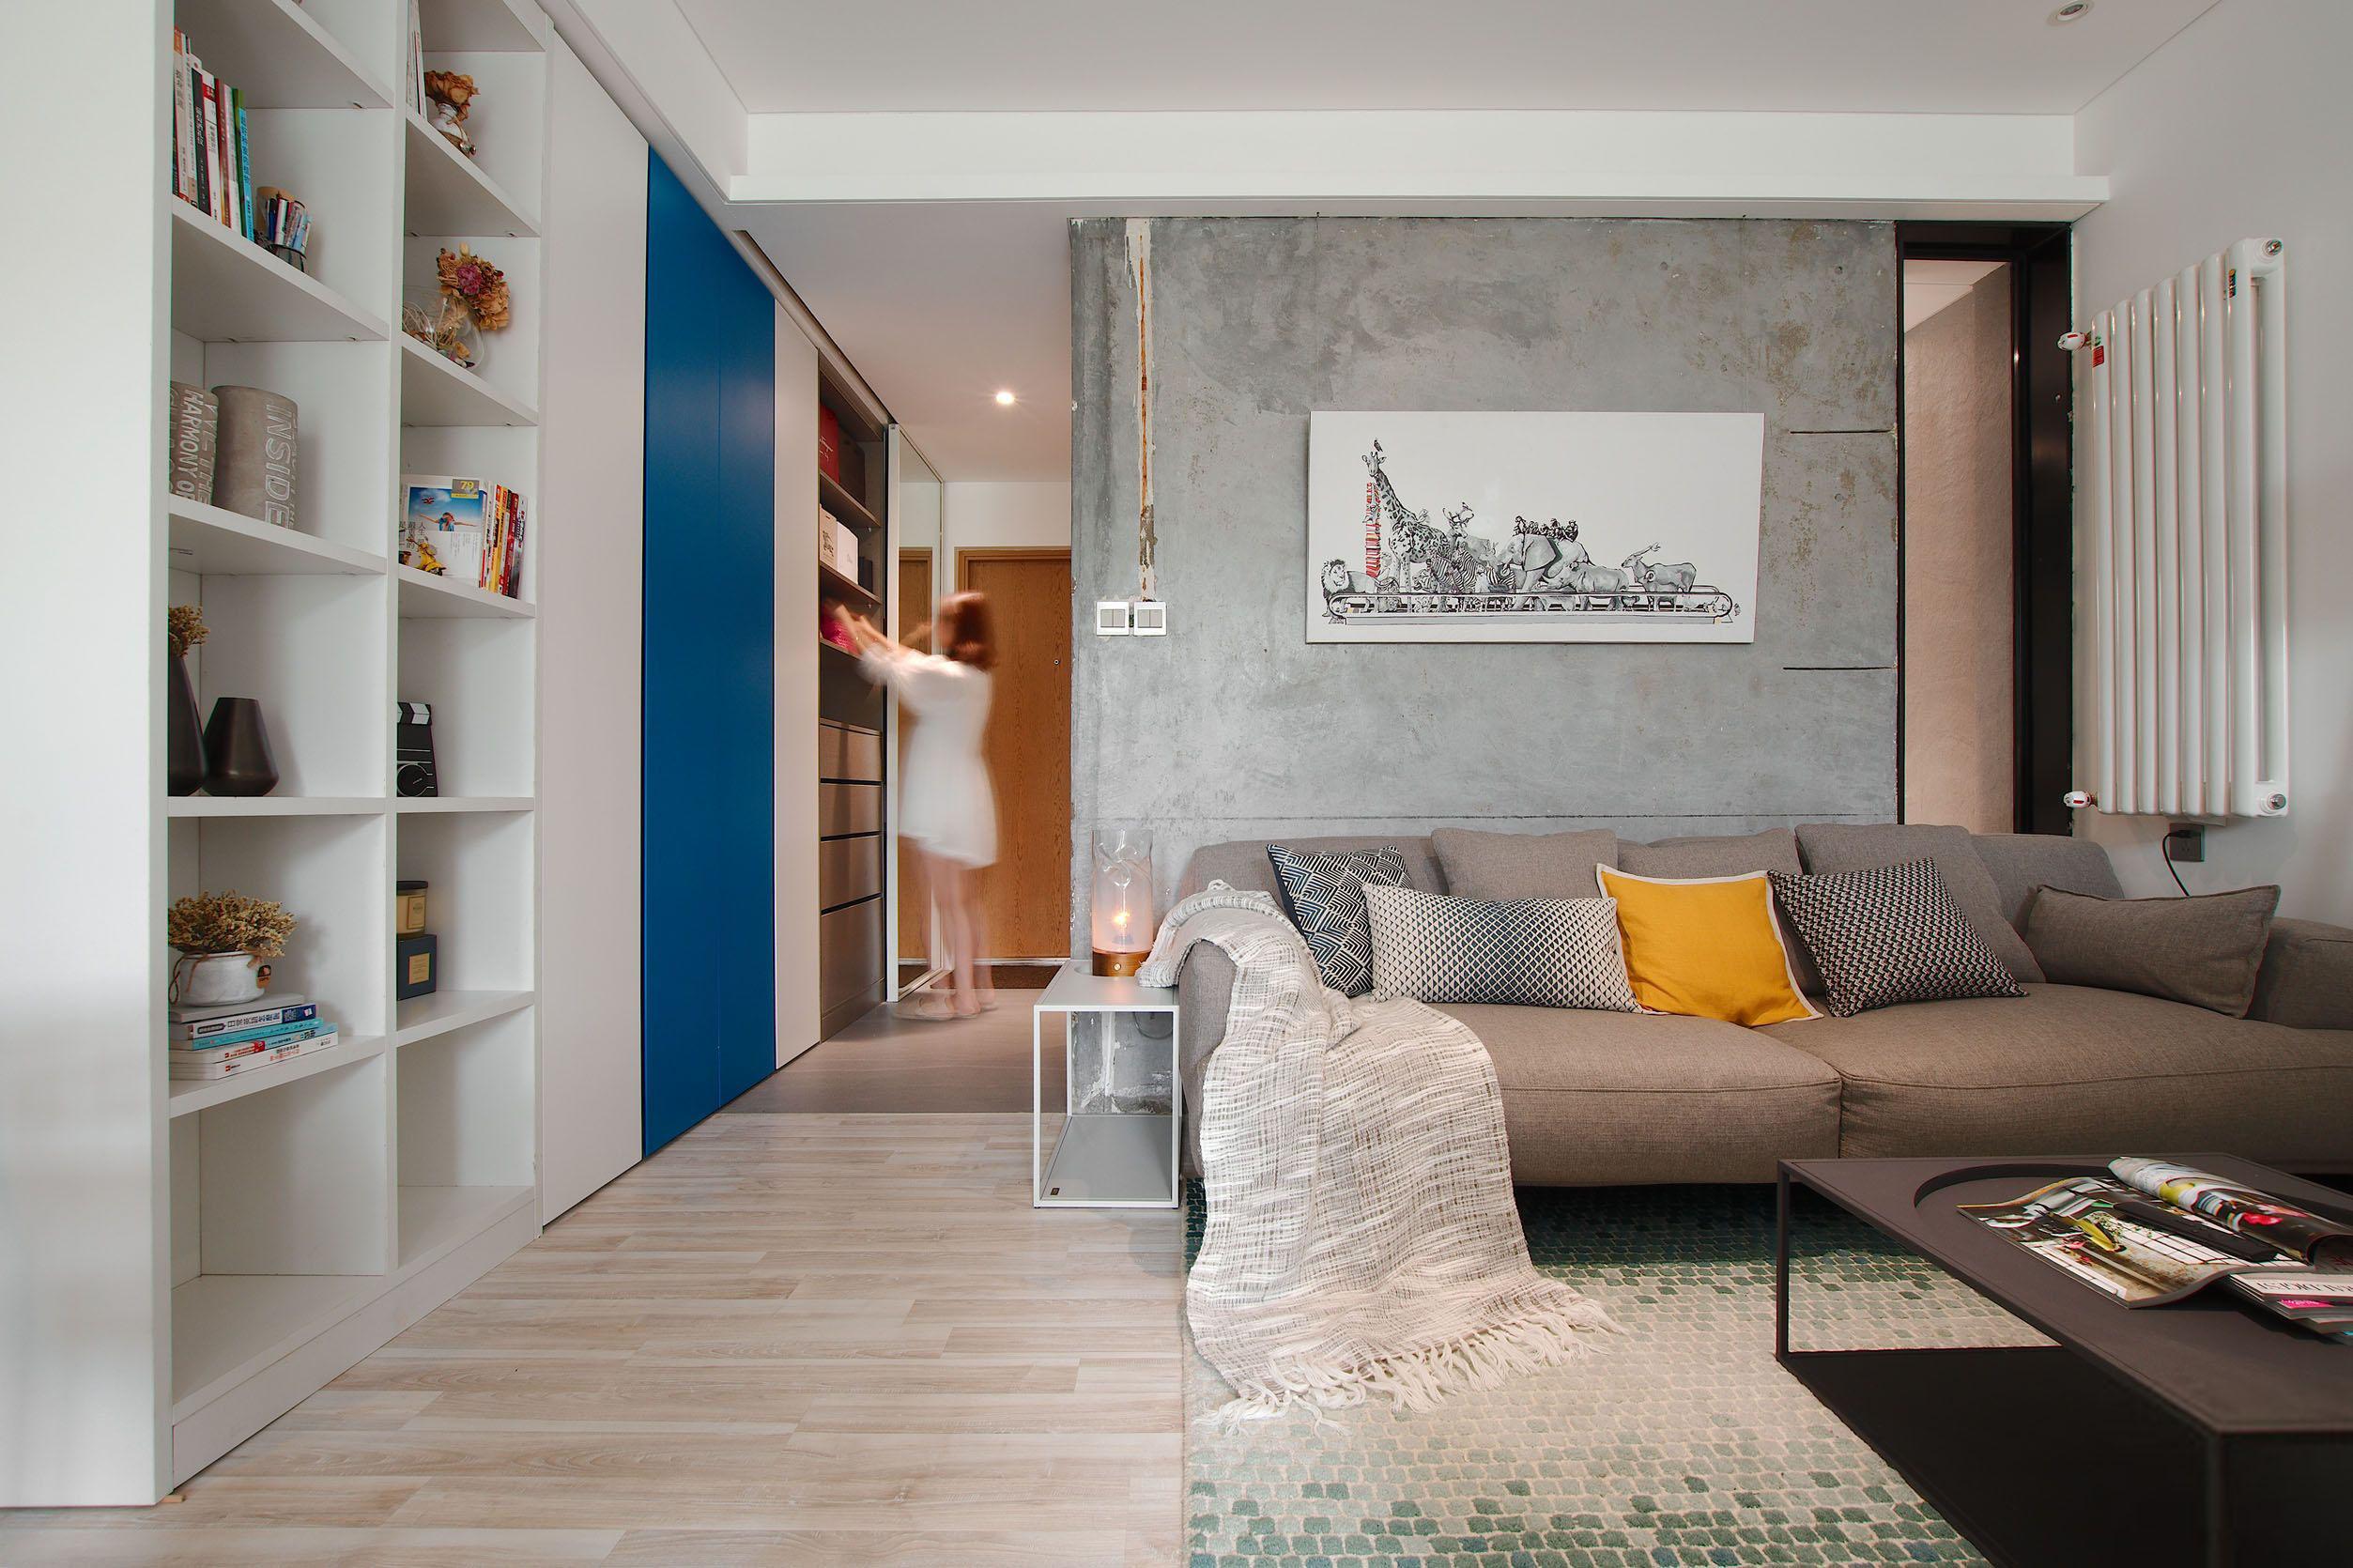 40㎡简约单身公寓沙发背景墙装修效果图